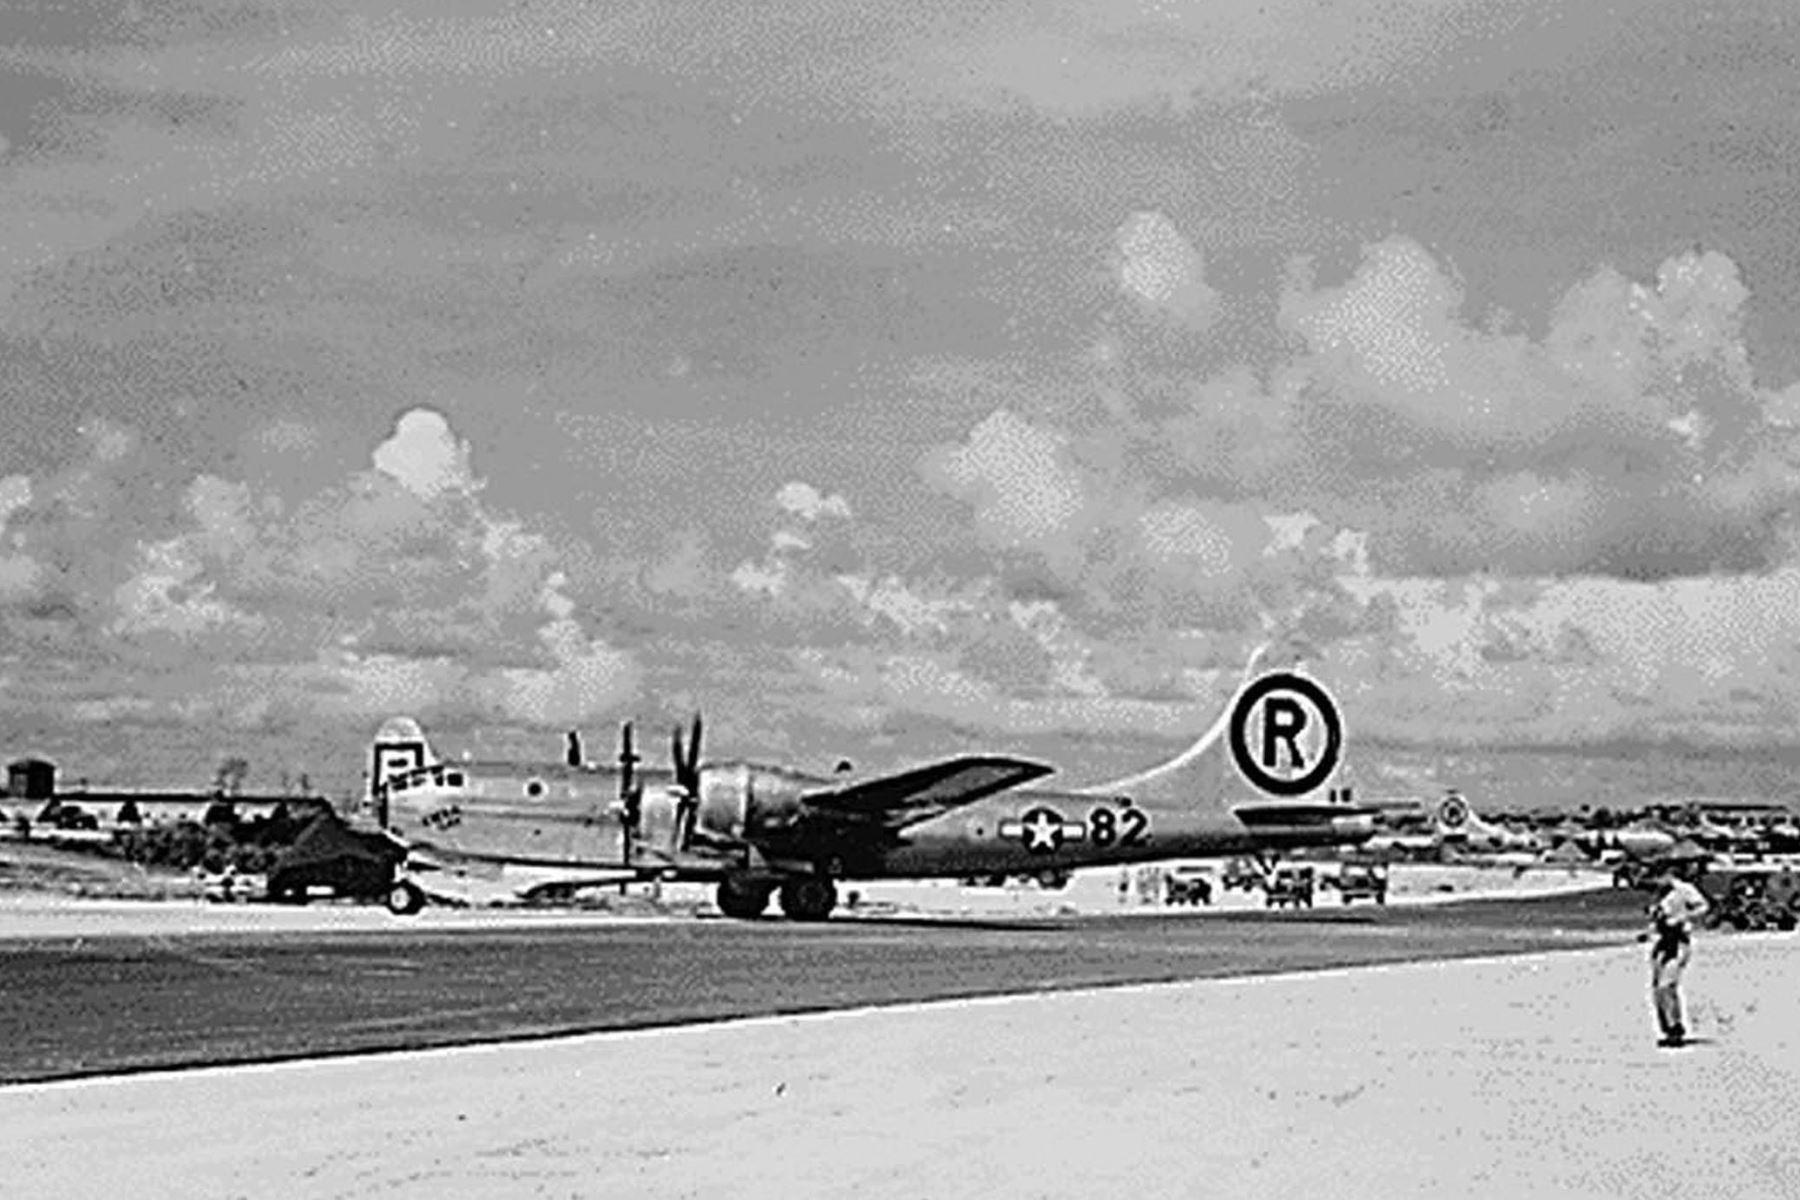 """Foto tomada el 06 de agosto de 1945 muestra el avión B-29 """"Enola Gay"""" después de aterrizar en la isla Tinian desde su misión de lanzar la primera bomba atómica sobre Hiroshima, Japón. Foto: AFP"""